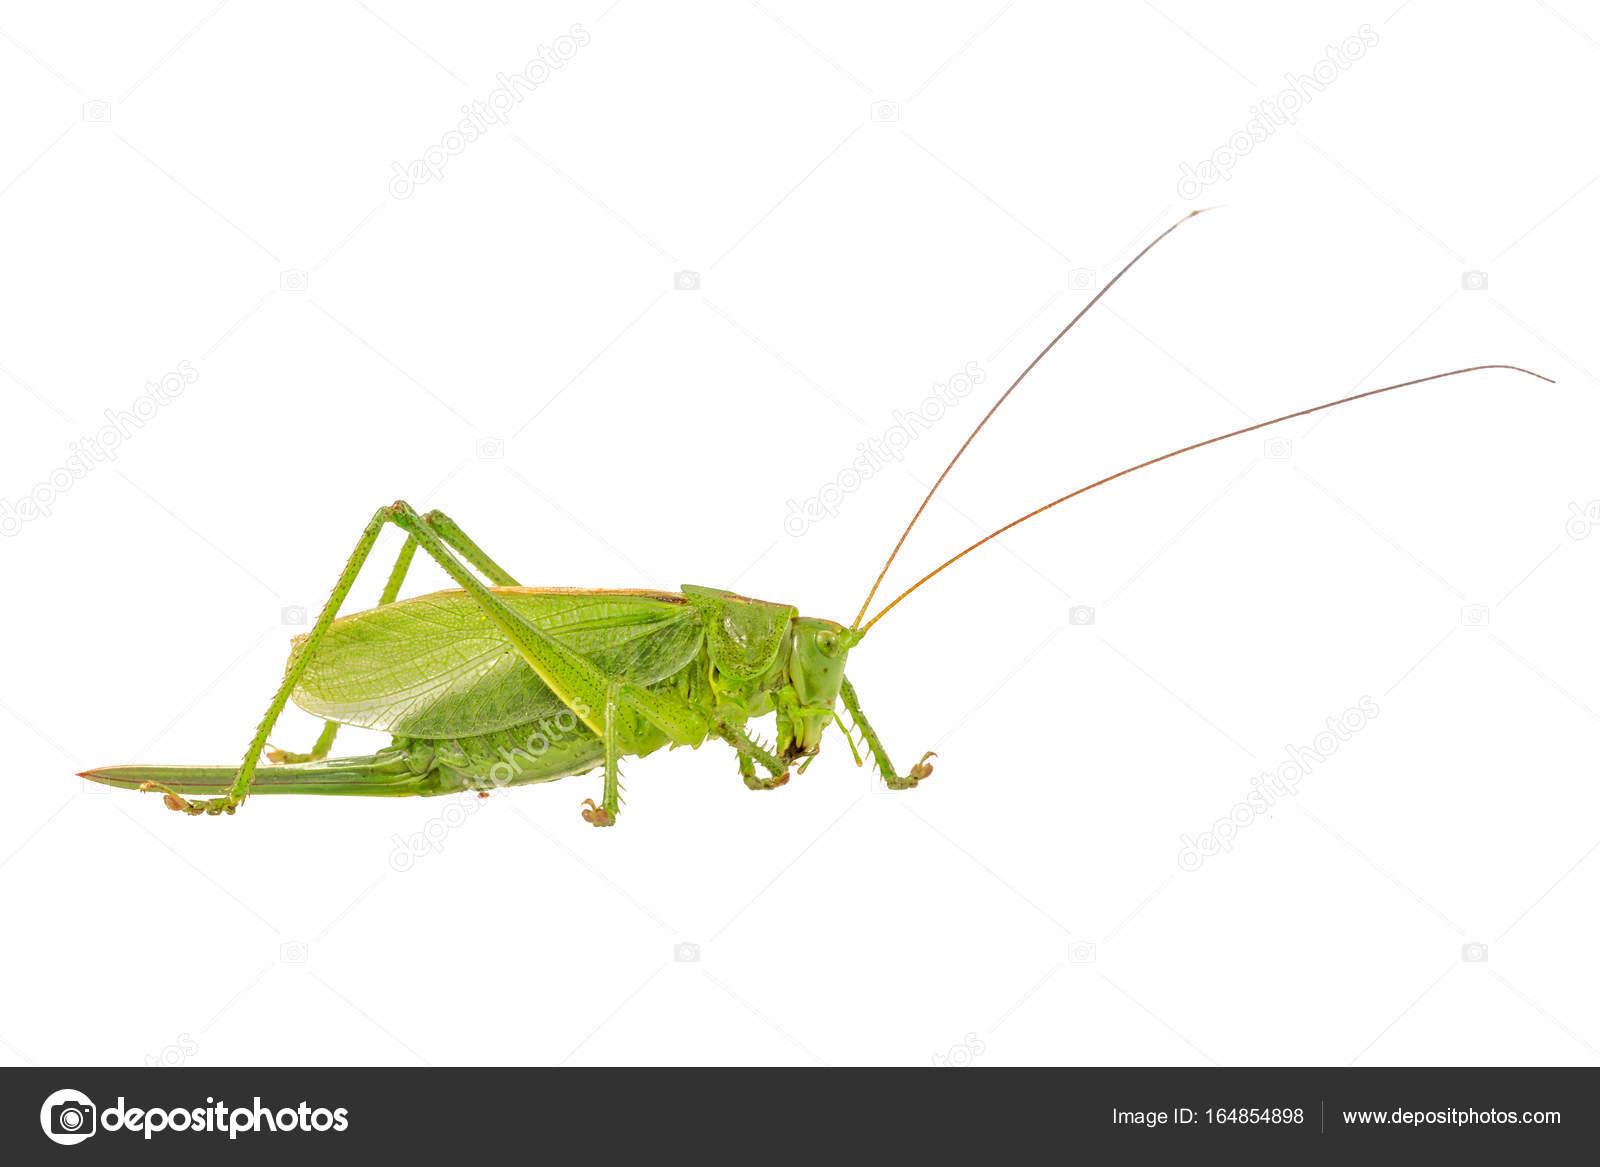 Groene sprinkhaan op een witte achtergrond stockfoto neryx groene sprinkhaan op een witte achtergrond stockfoto altavistaventures Image collections